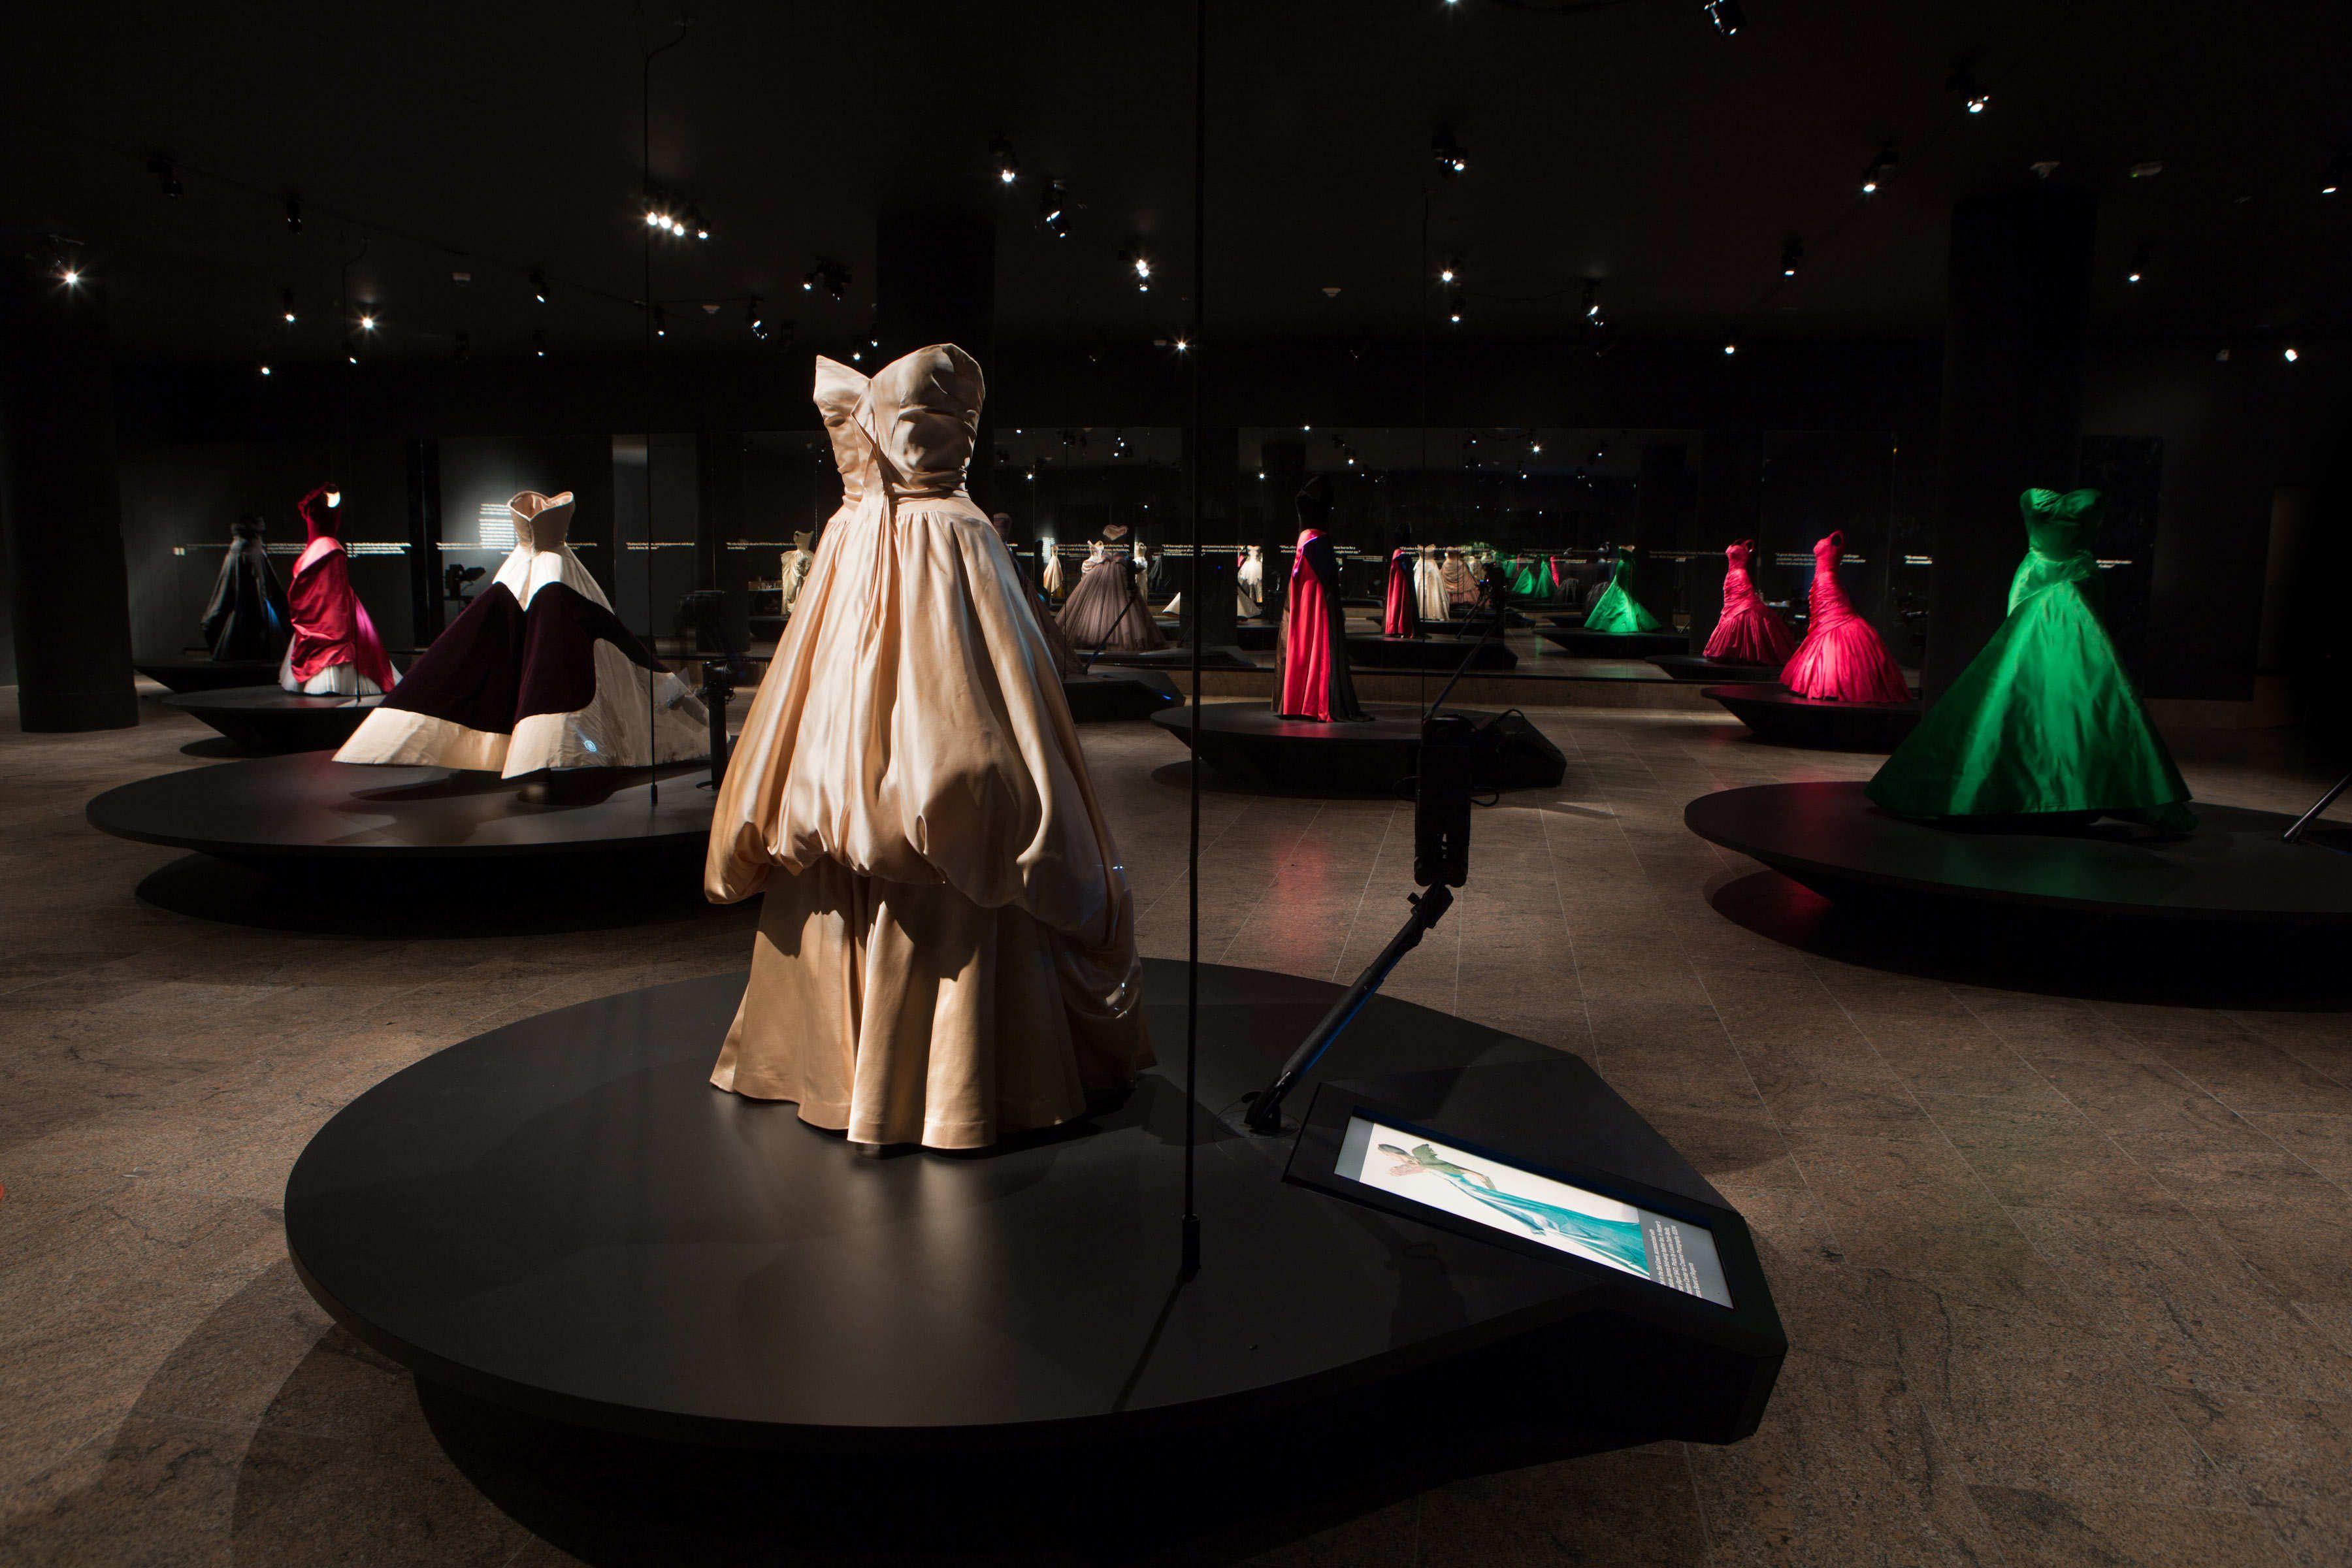 Charles James Met Exhibit - The Cut